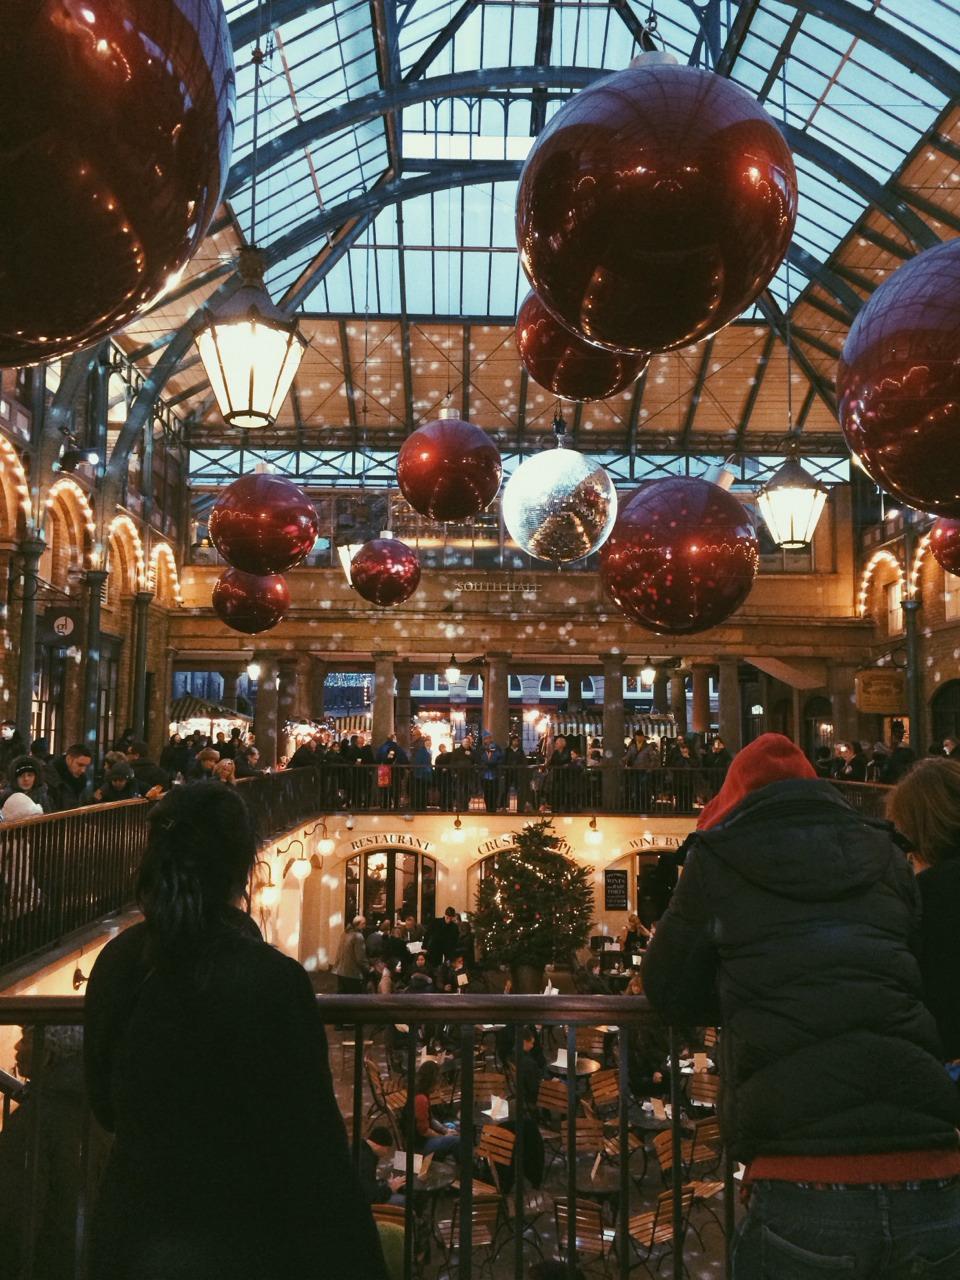 Christmas looks good on London.